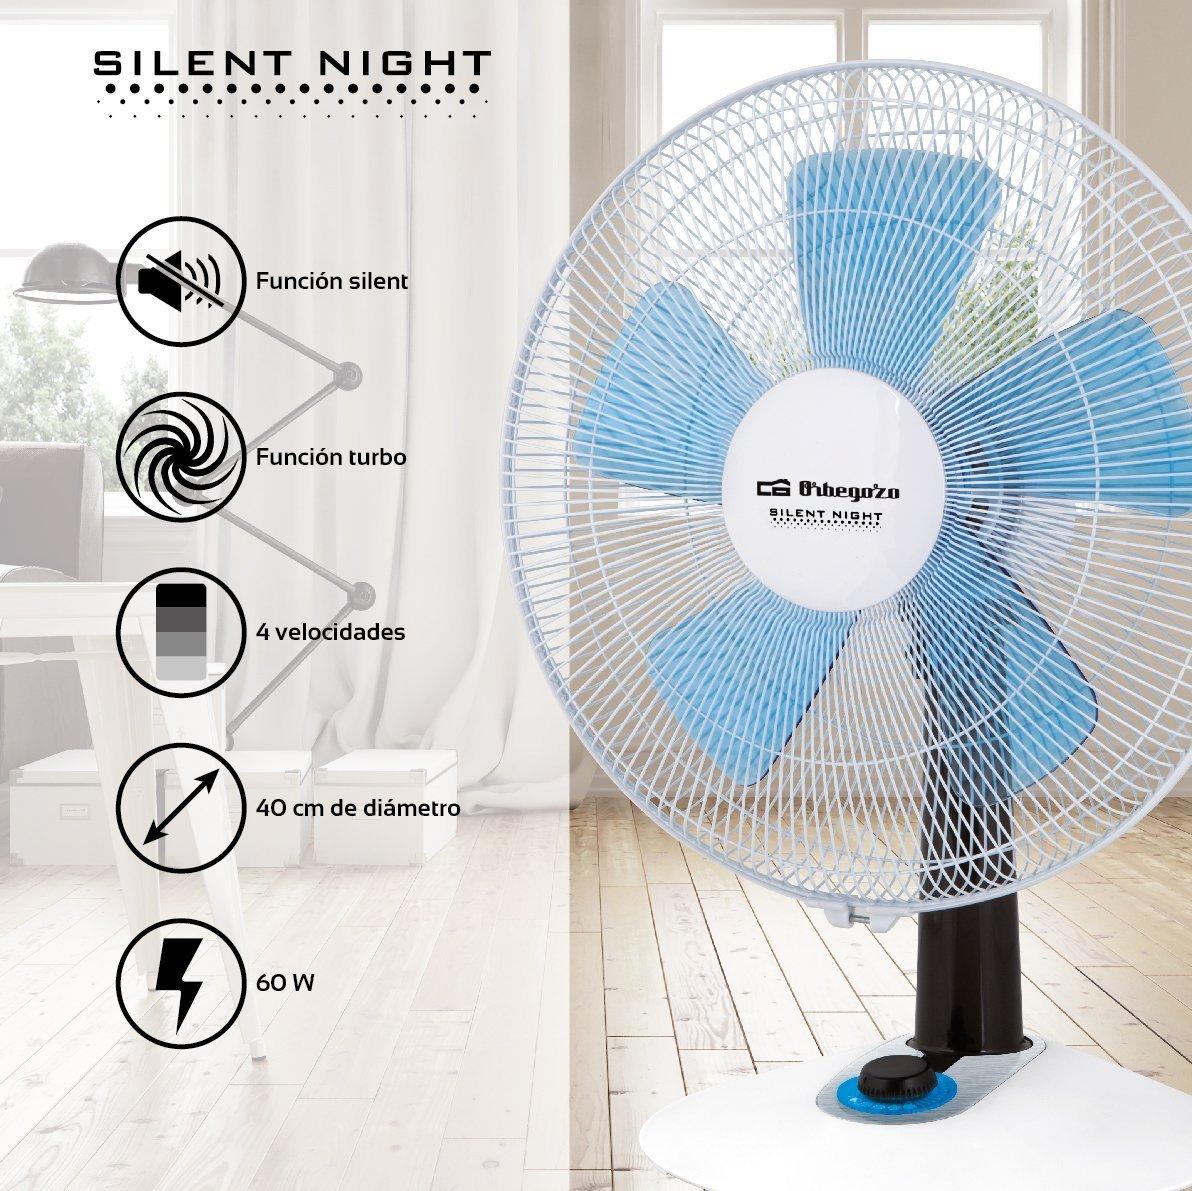 Orbegozo TF 0148 - Ventilador silencioso de sobremesa, 2 velocidades + Turbo + Silent, 40 cm de diámetro y potencia de 60 W: Amazon.es: Hogar